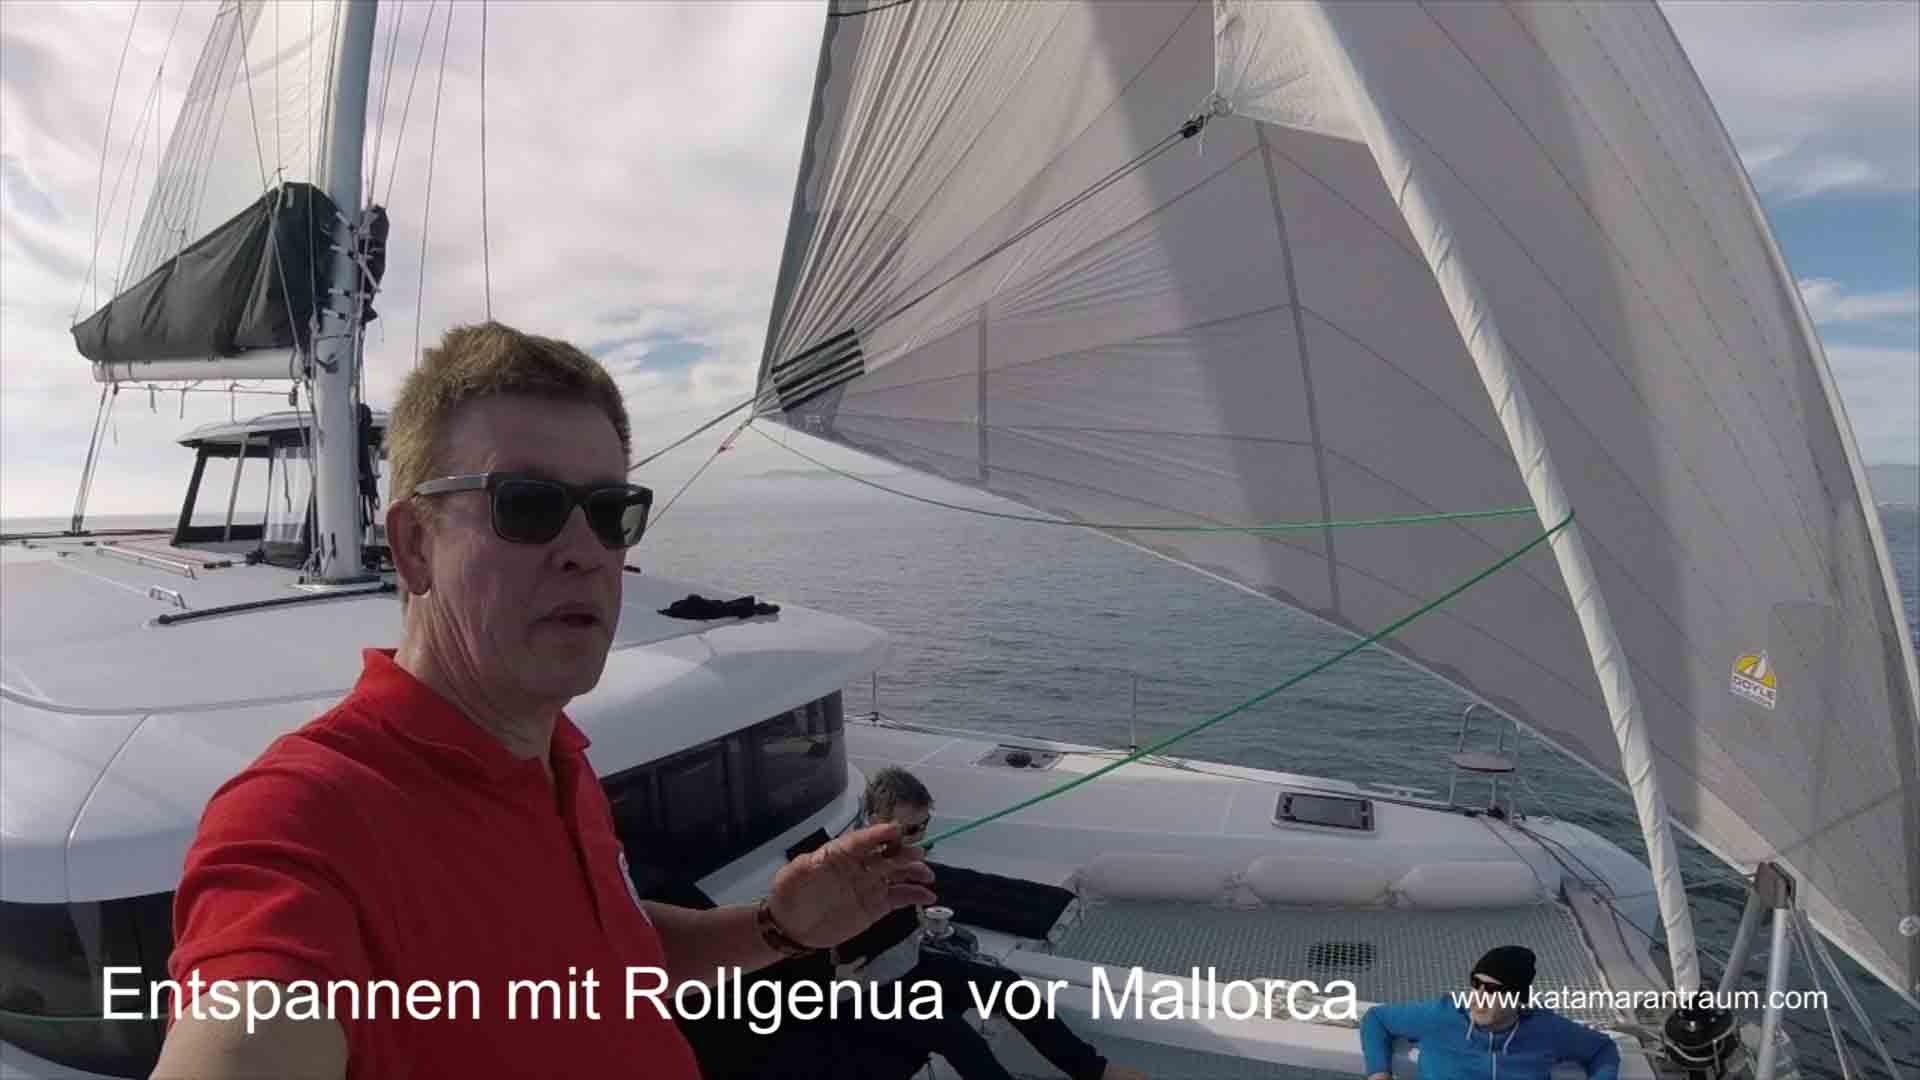 Mit Rollgenua unterwegs: 7 Kn Fashrt aus nur 11 Kn Wind